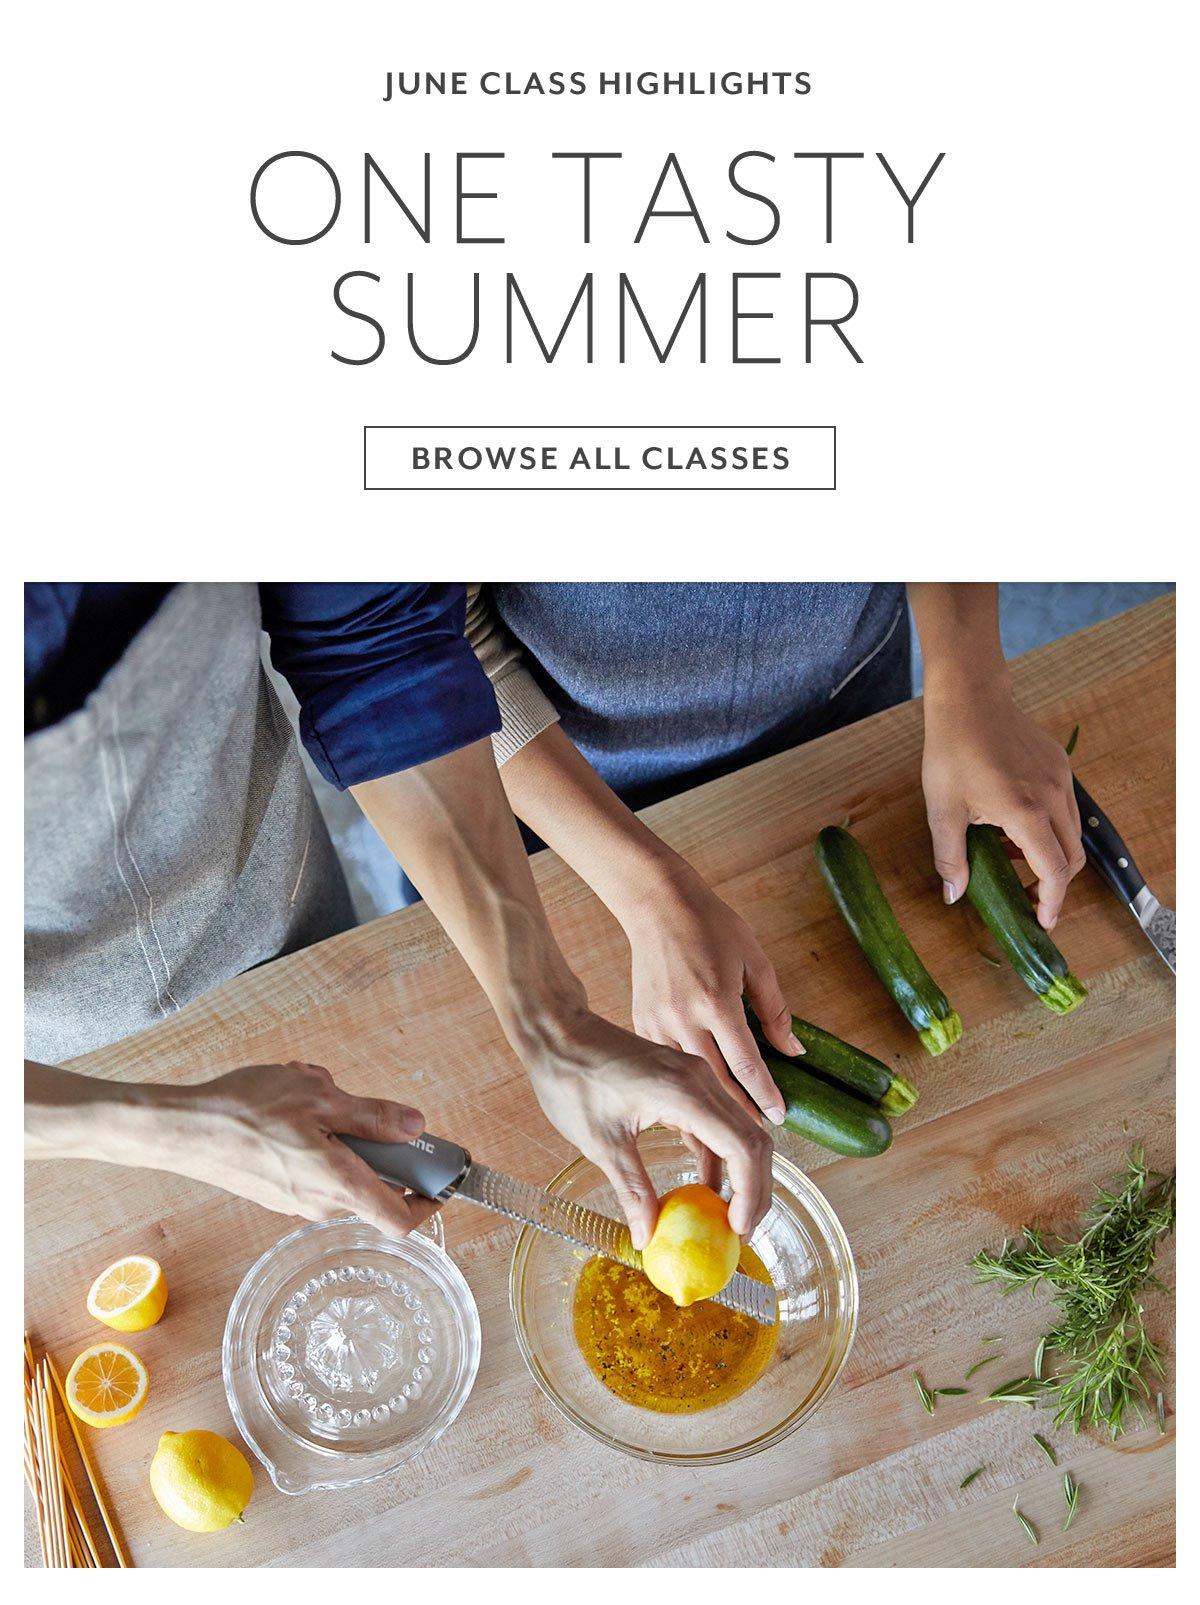 One Tasty Summer • June Class Highlights